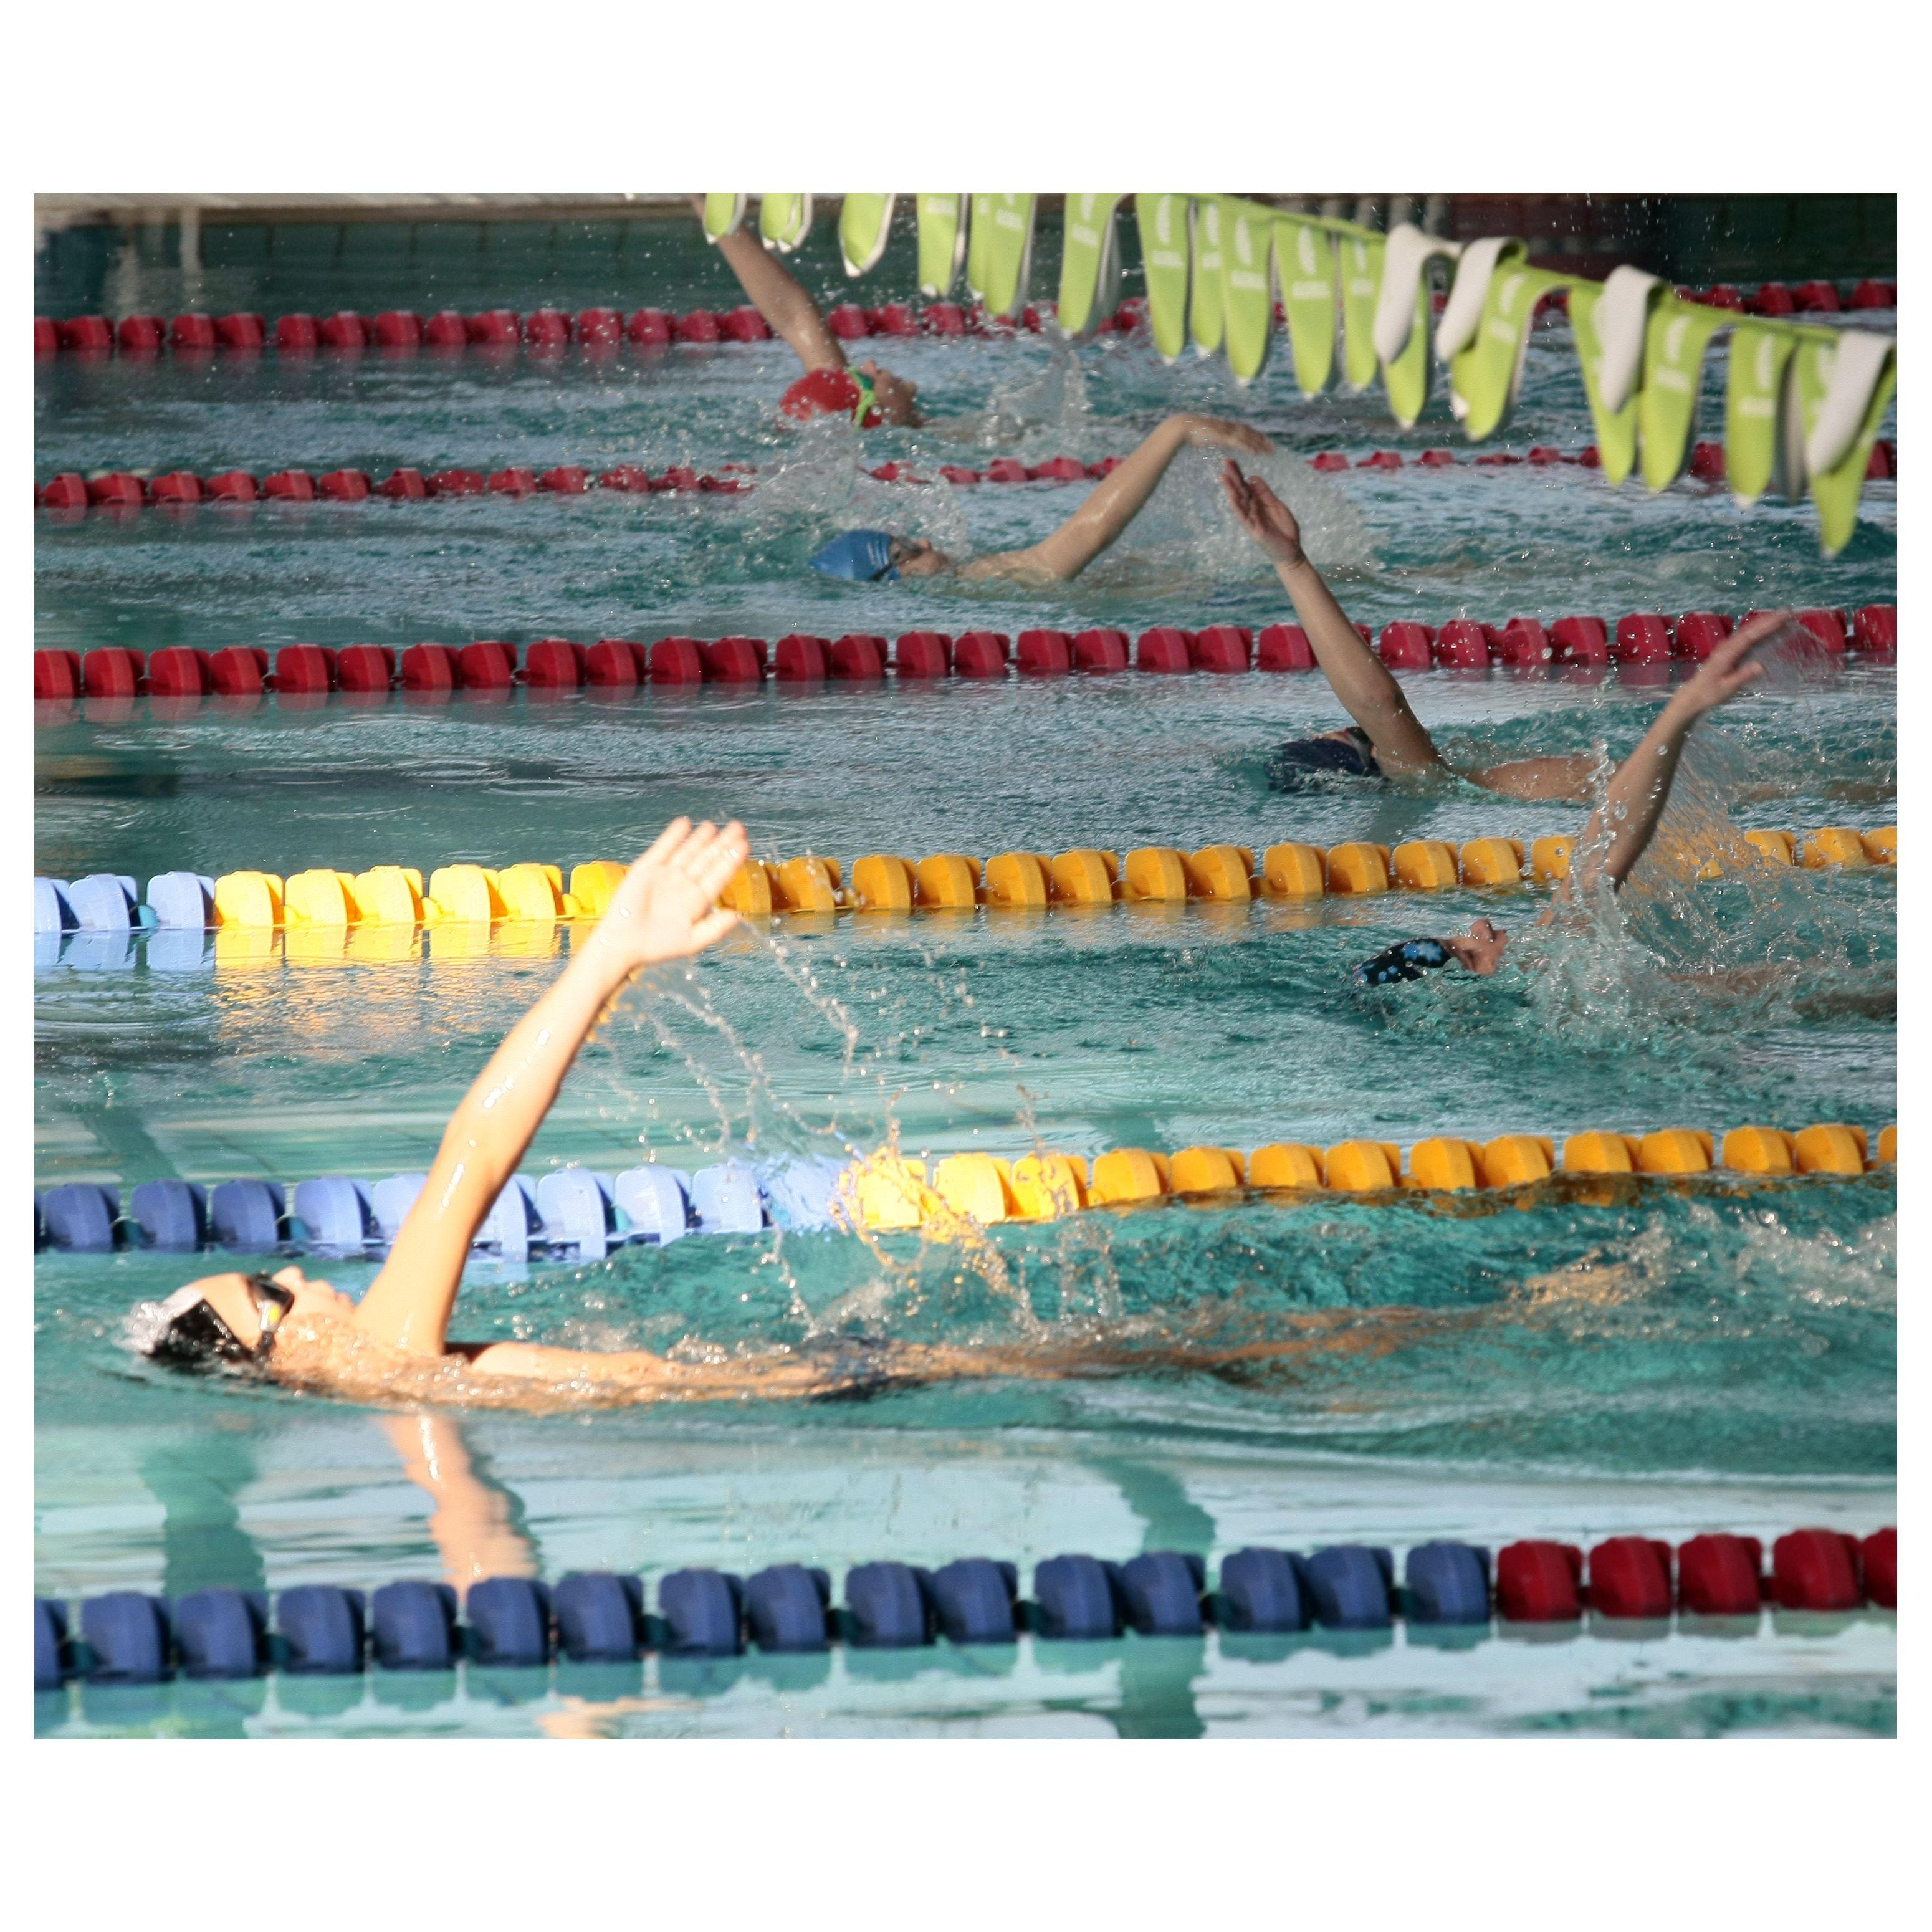 044ad57f729 Коментари - 80 деца с дихателни проблеми заради химикали в басейн |  Днес.dir.bg